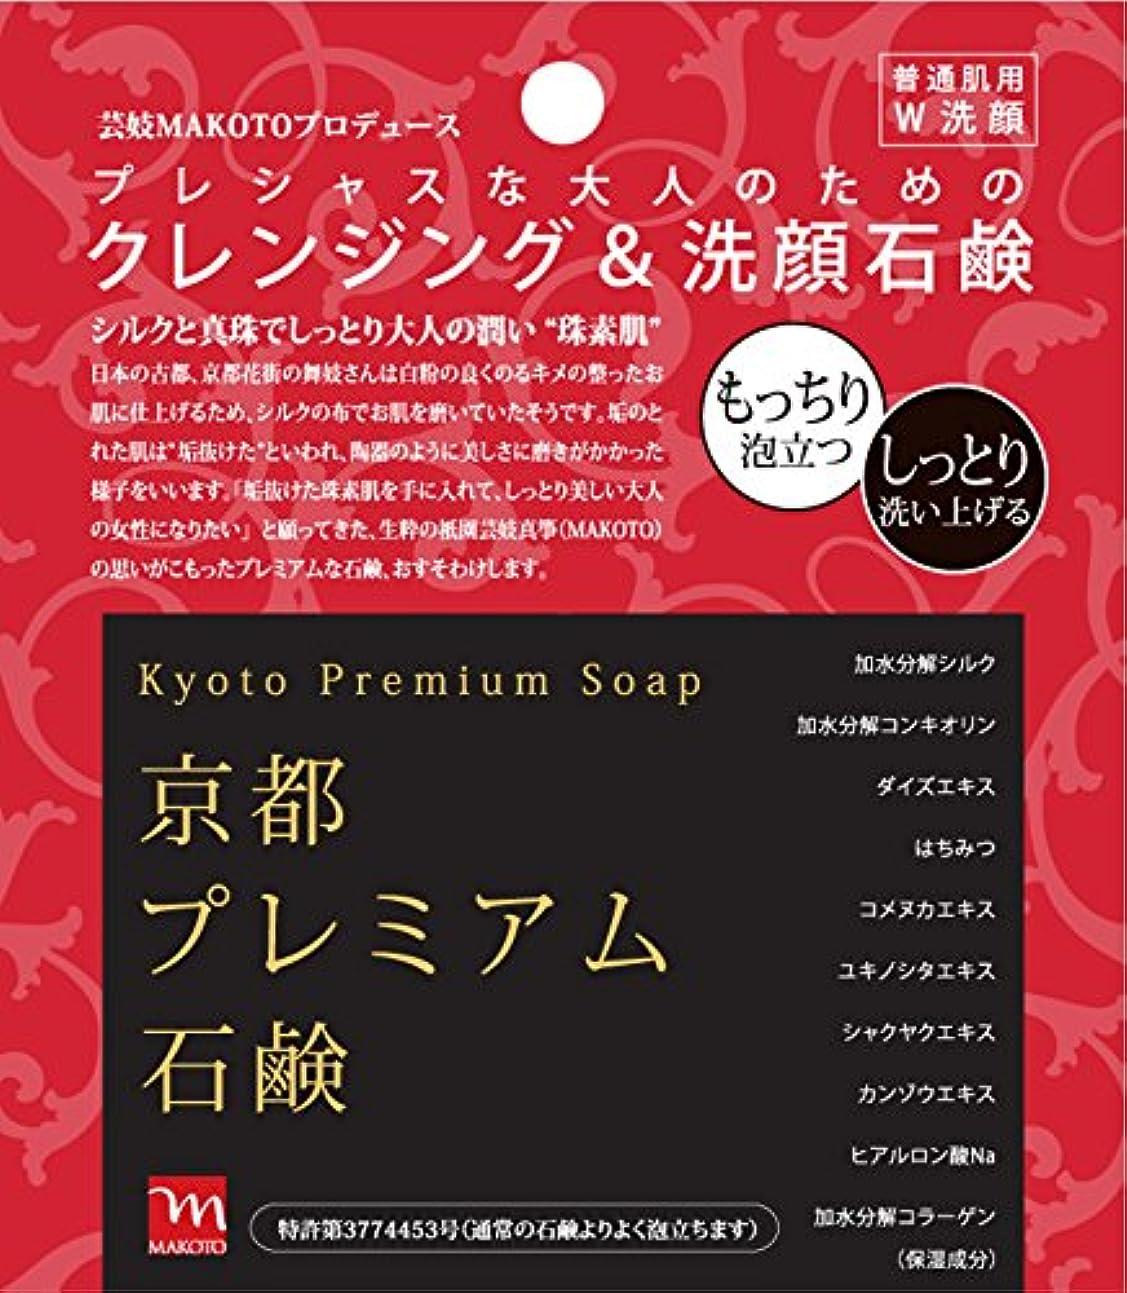 助言する応用不毛の京都プレミアム石鹸 クレンジング&洗顔石鹸 しっとり もっちり 芸妓さん監修